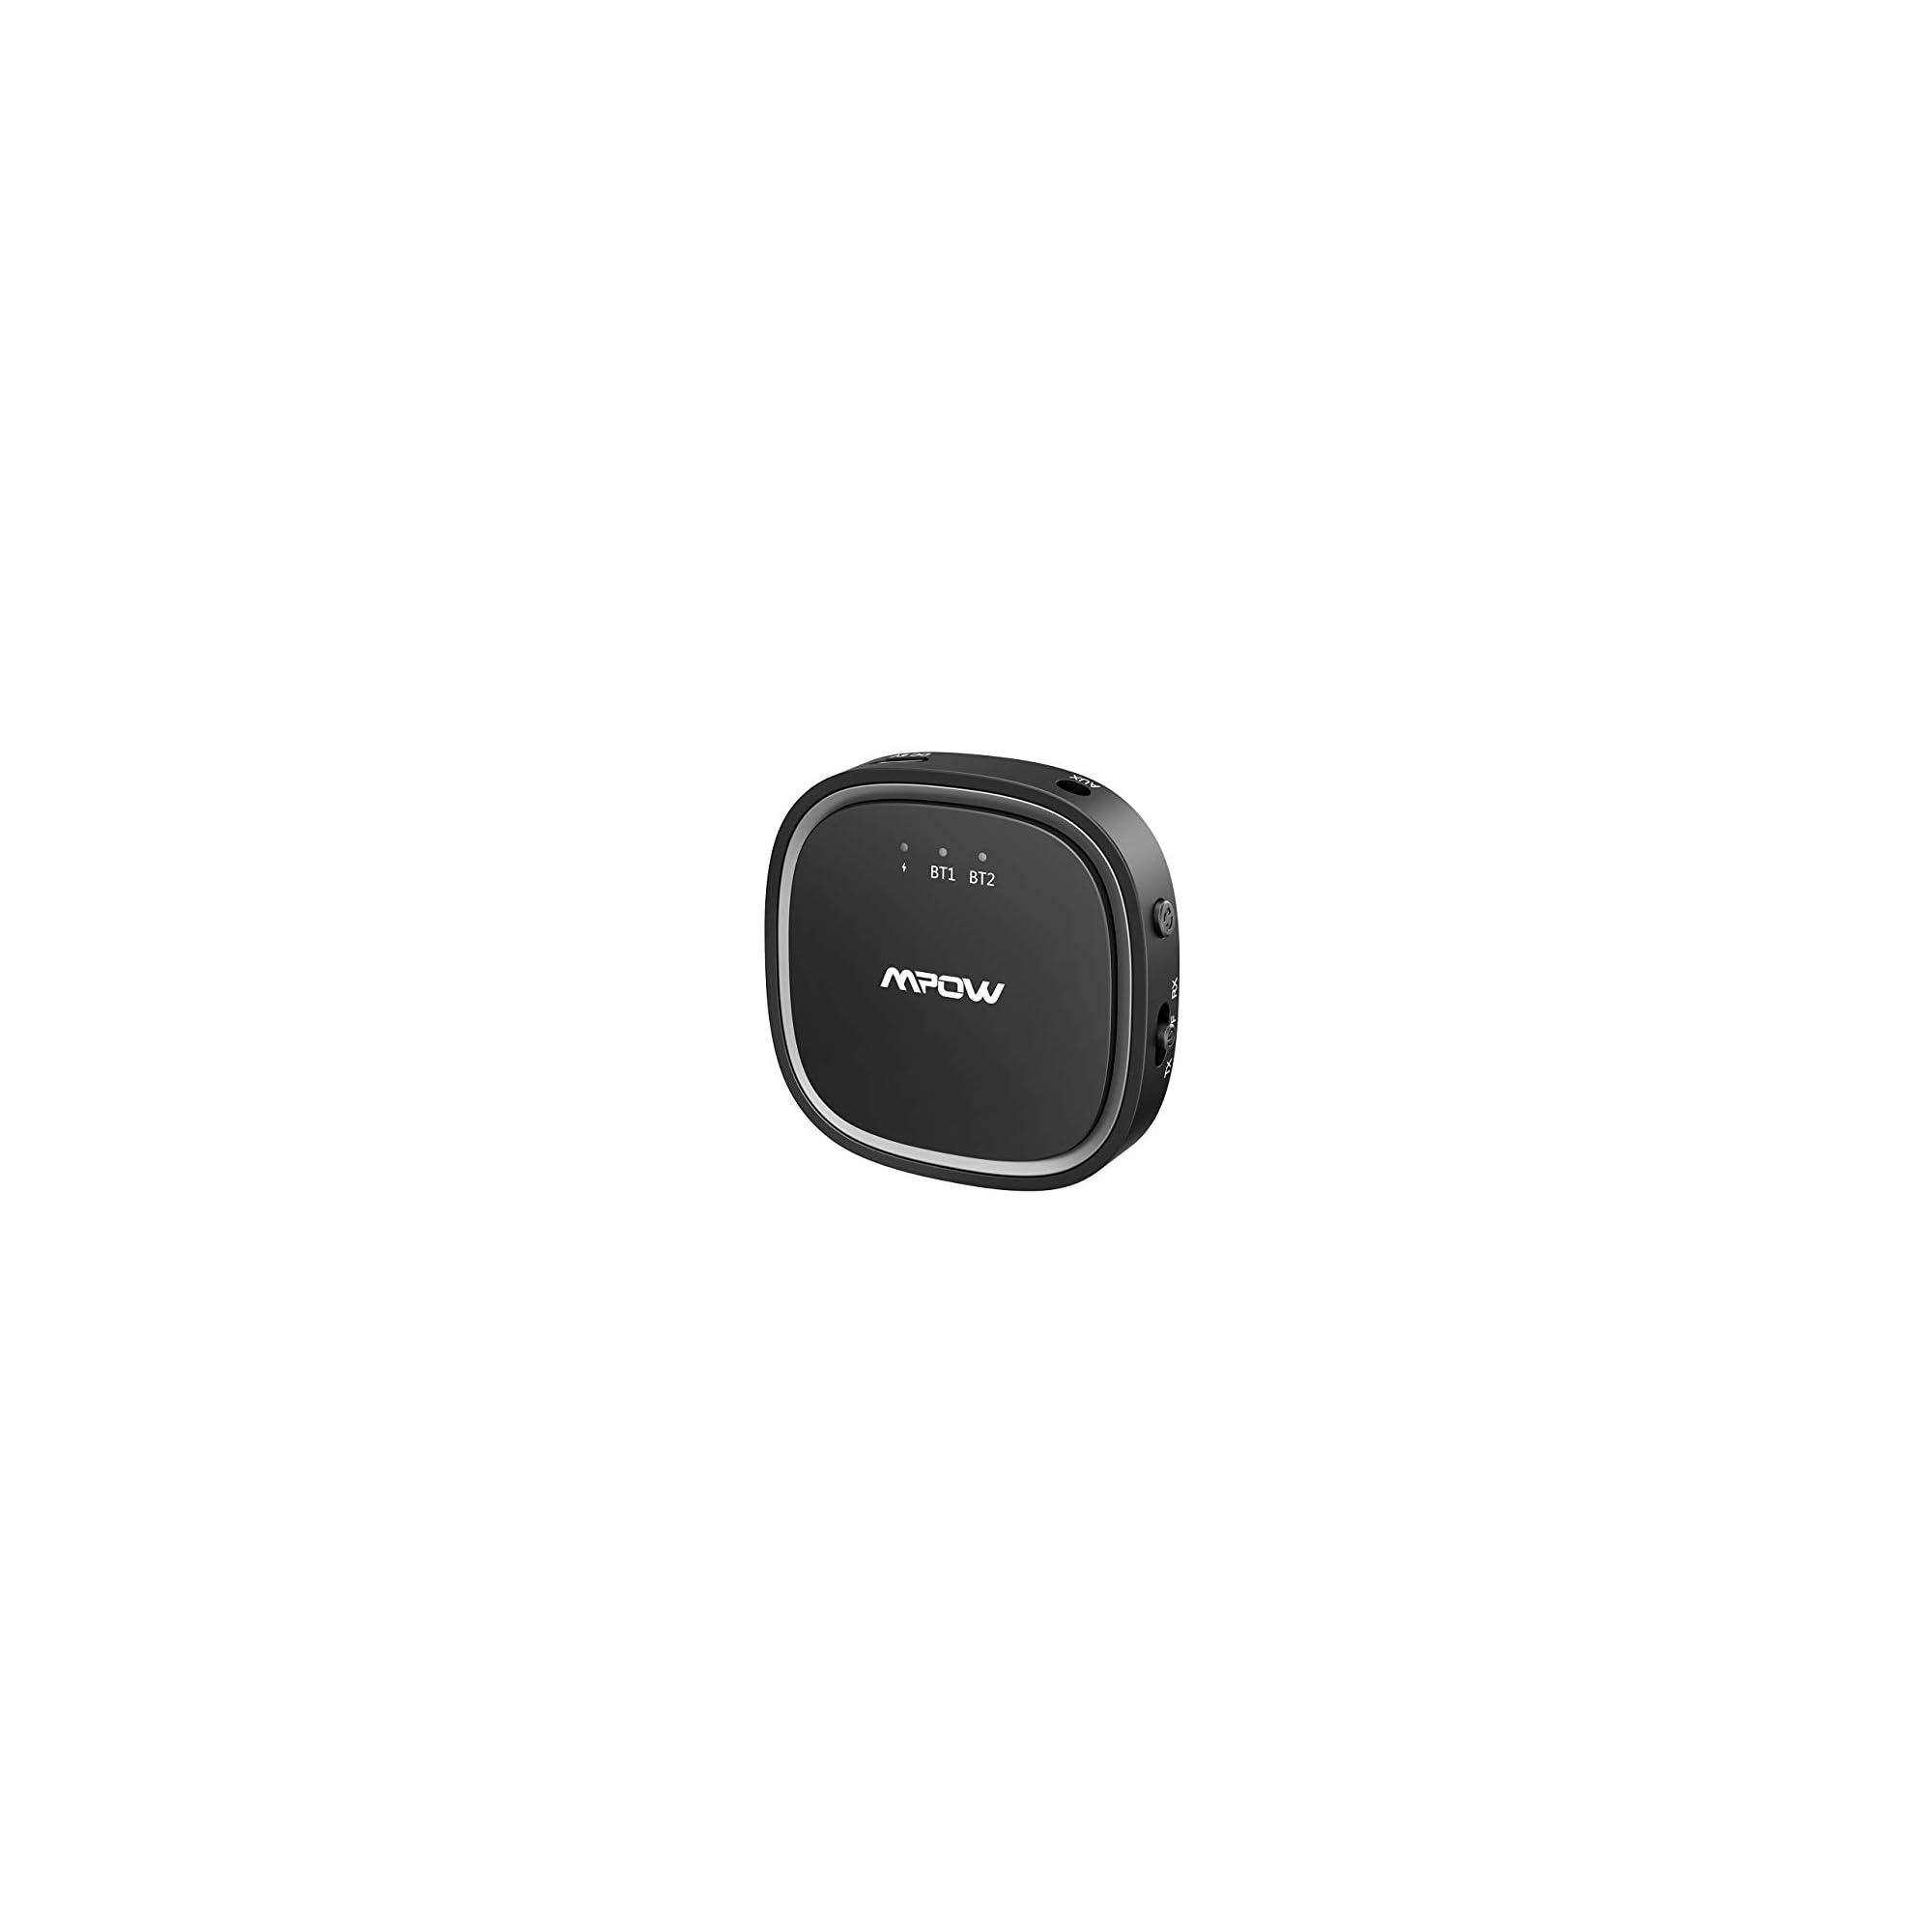 Adaptador de Audio Inal/ámbrico de 3.5 mm con Alcance 15m Adaptador Bluetooth 5.0 2 en 1 con AptX Baja Latencia y AptX HD Reproductor Dual-Conectar para TV Mpow Transmisor y Receptor Bluetooth